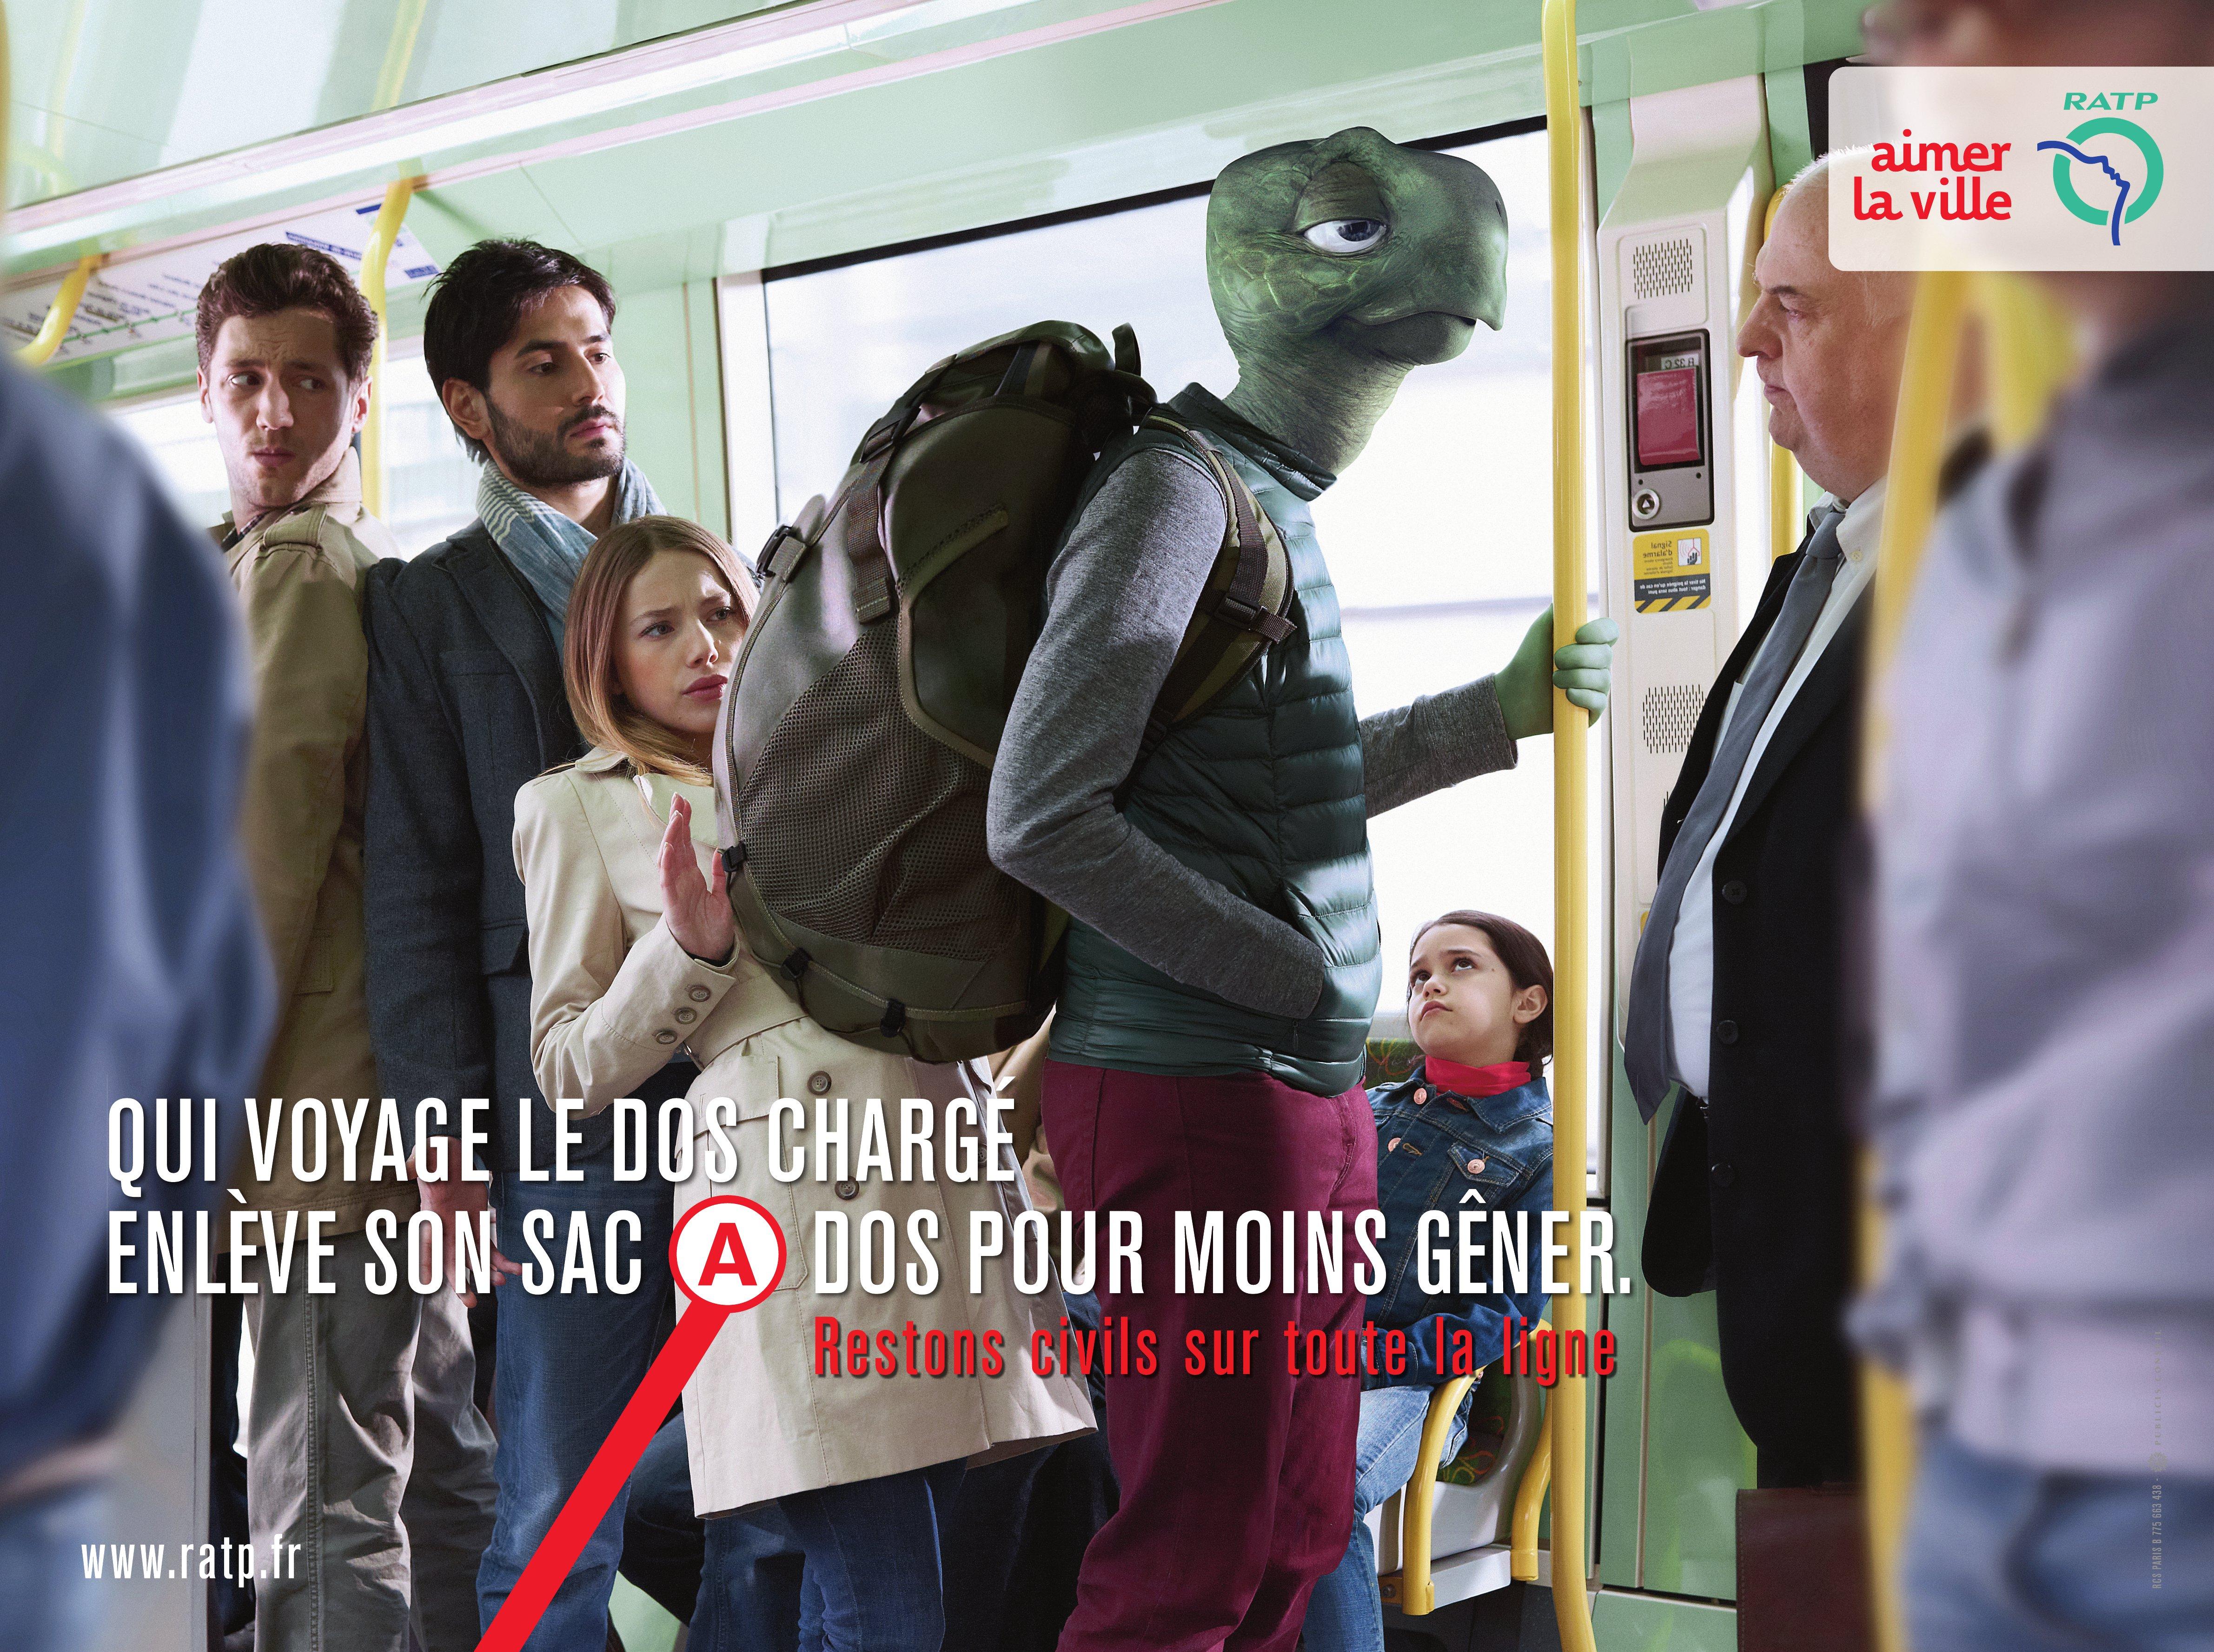 campagne affichage RATP contre l'incivilité dans les transports en commun réalisé et imaginée par Publicis Conseil